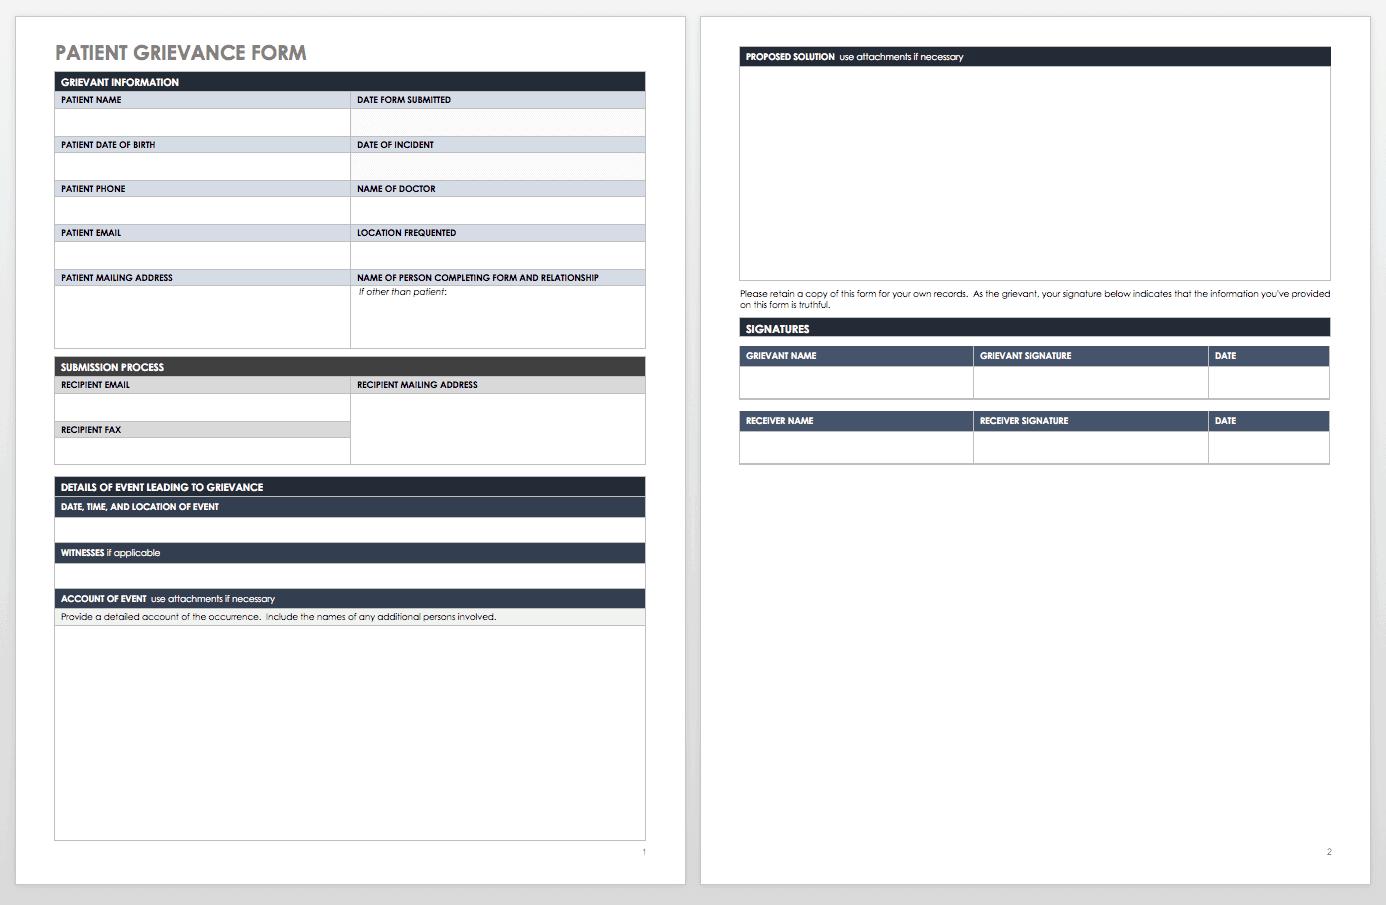 Patient Grievance Form Template